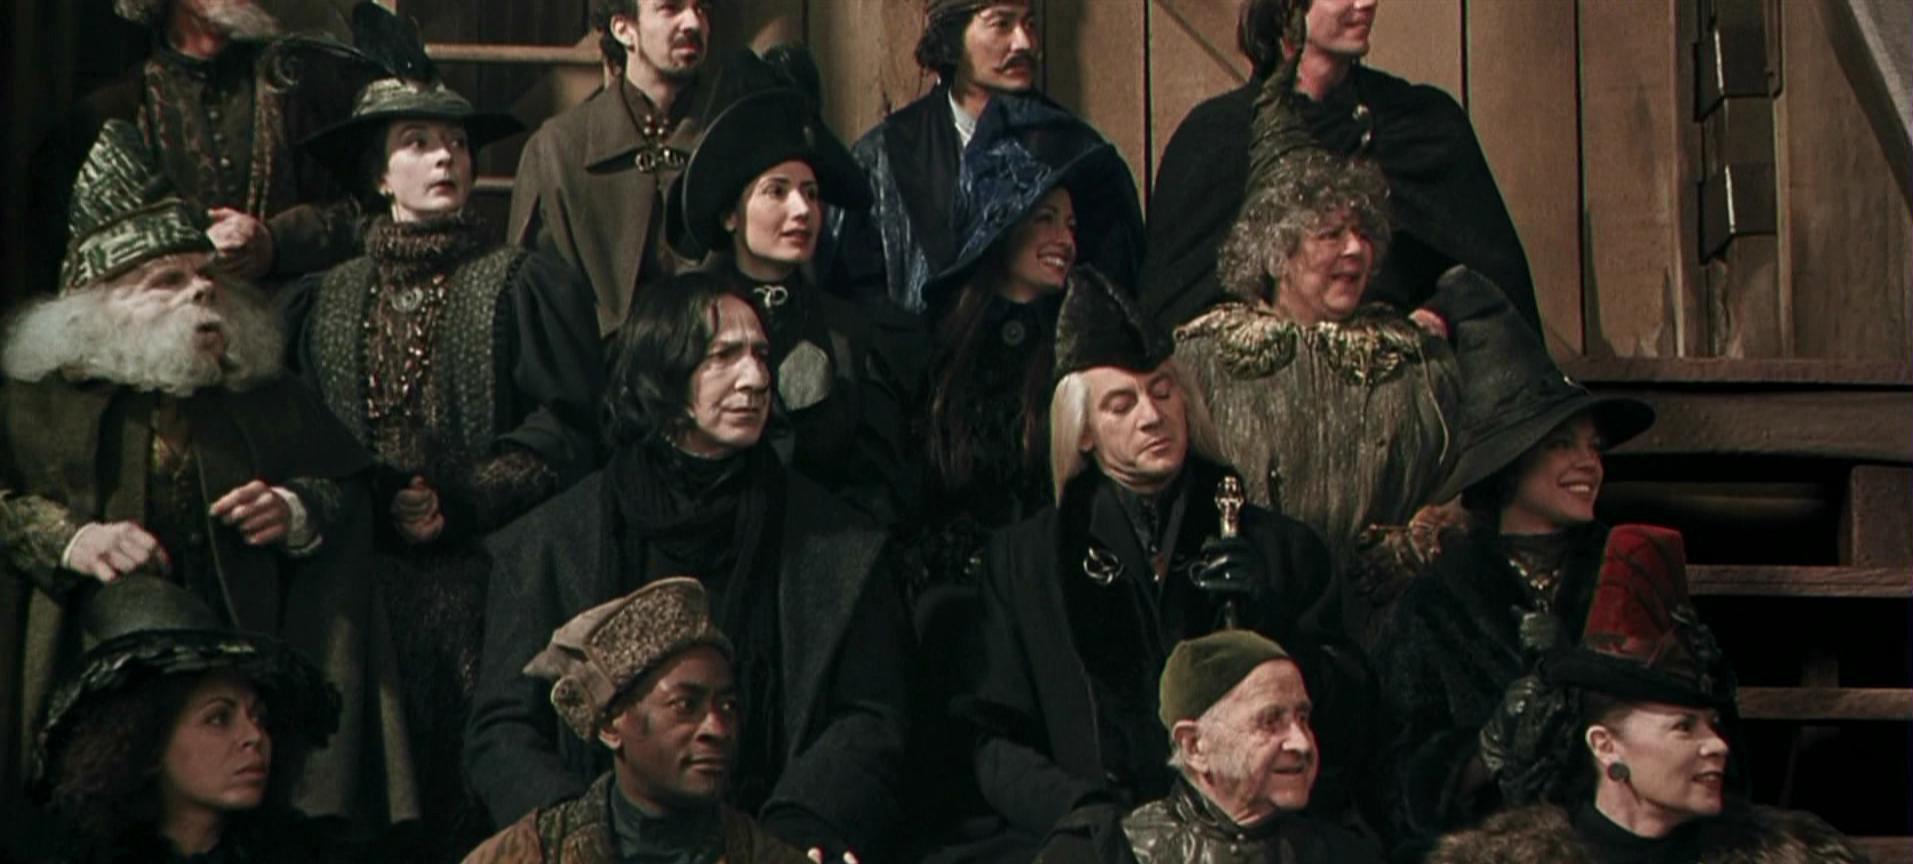 1992 Gryffindor-Slytherin Quidditch match spectators